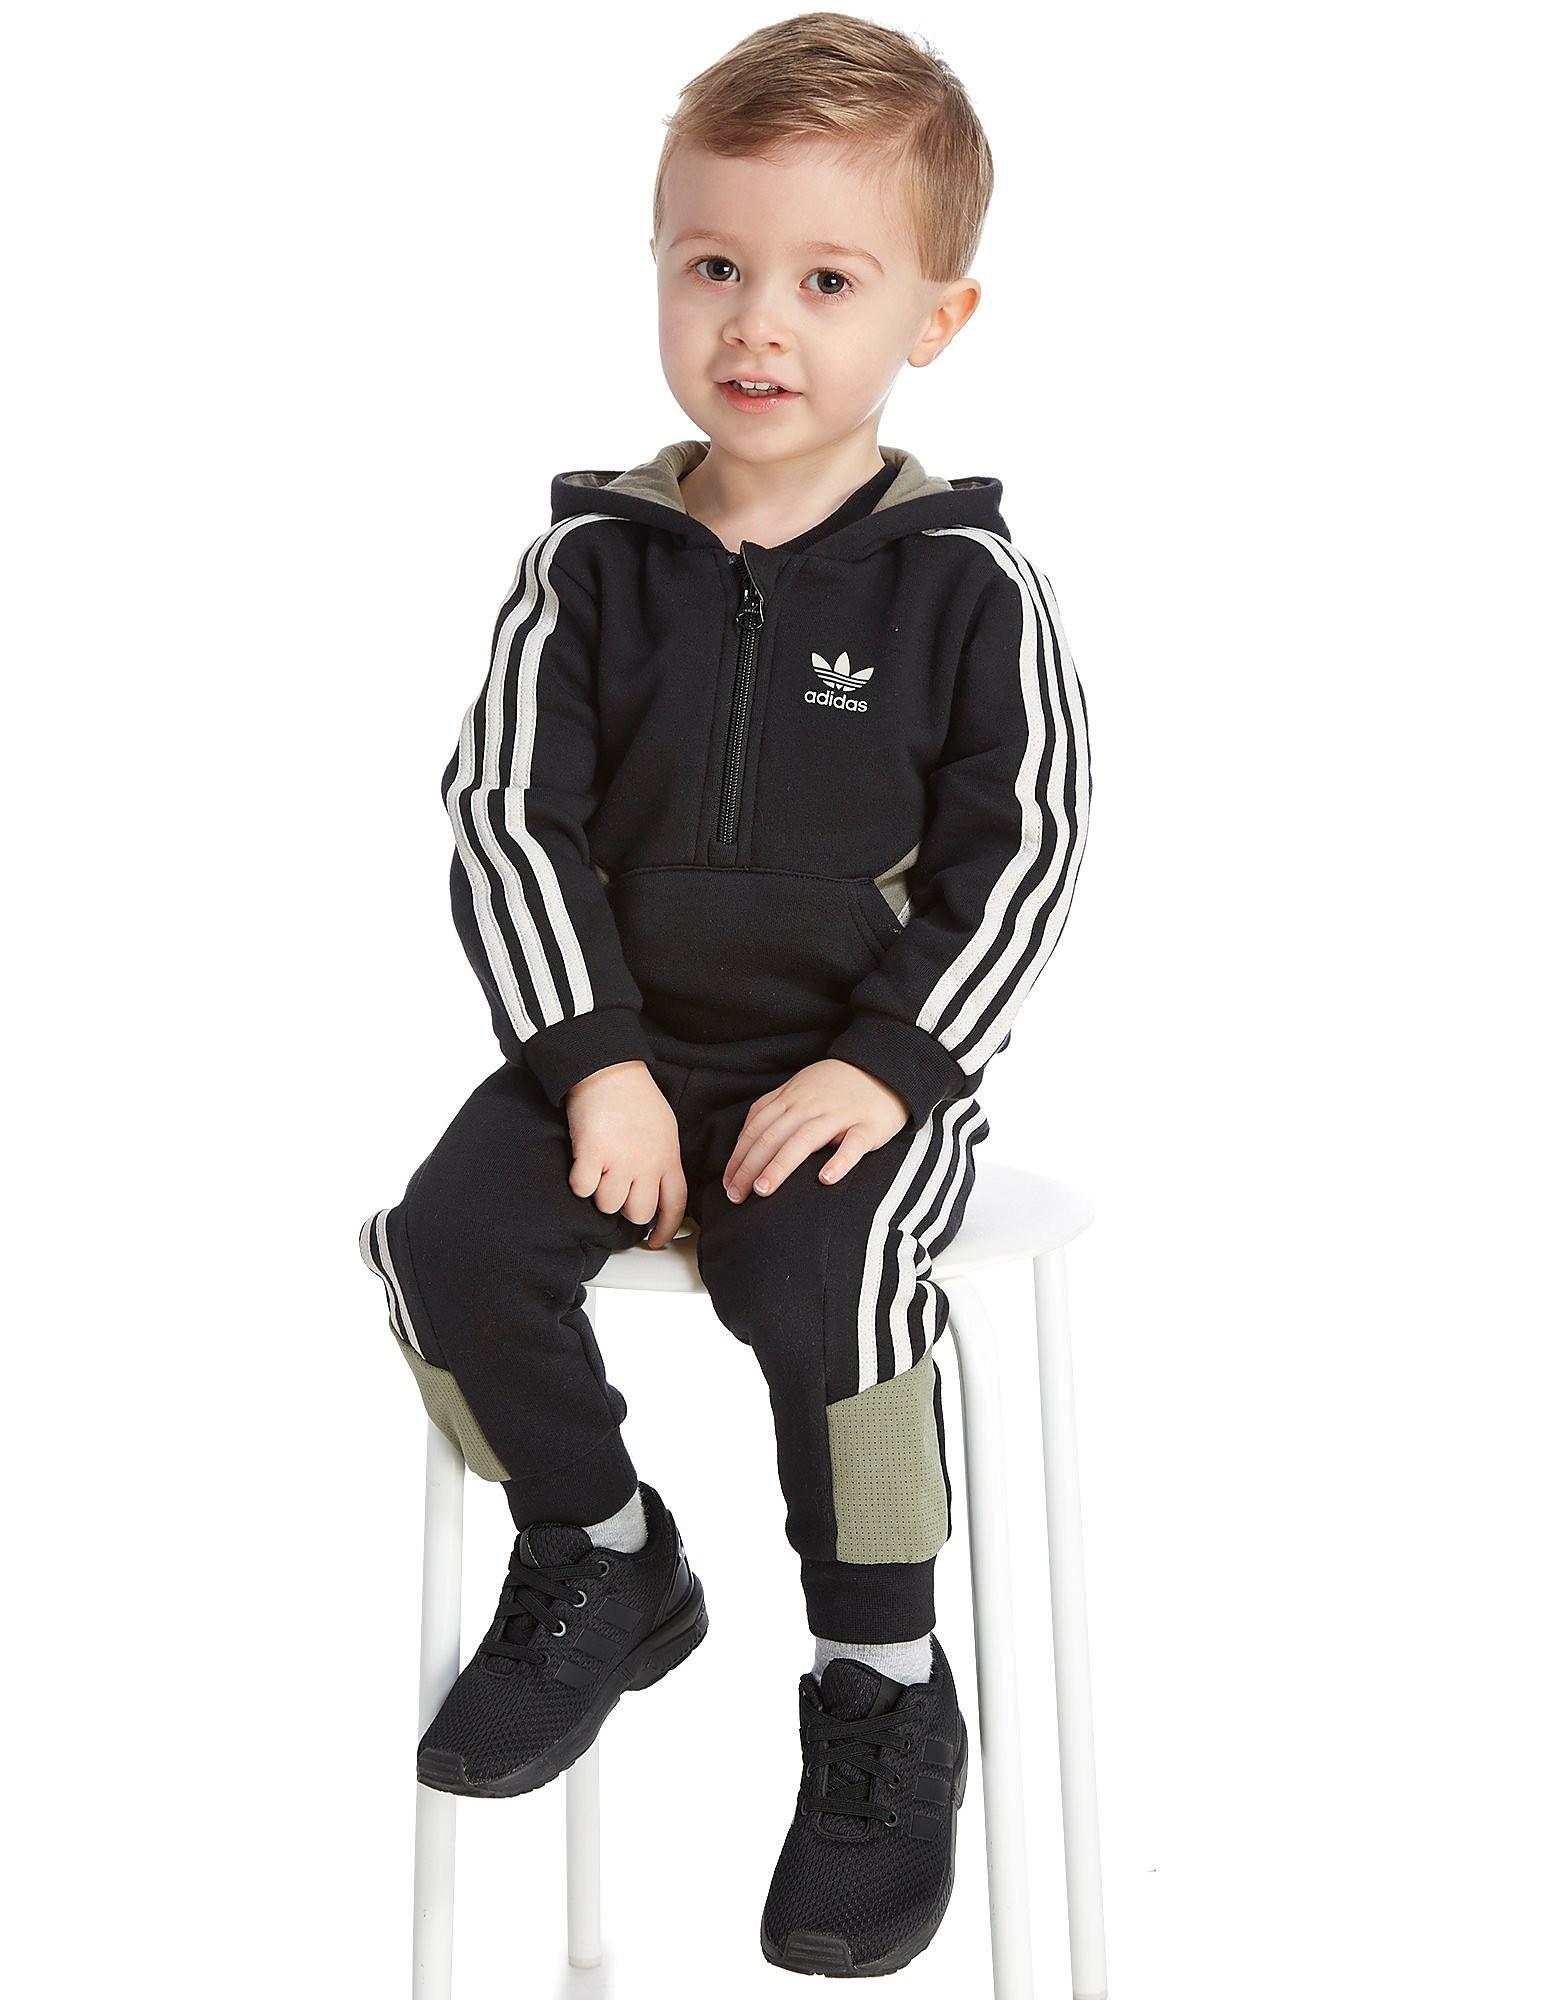 adidas Originals Europe 1/4 Zip Tracksuit Infant